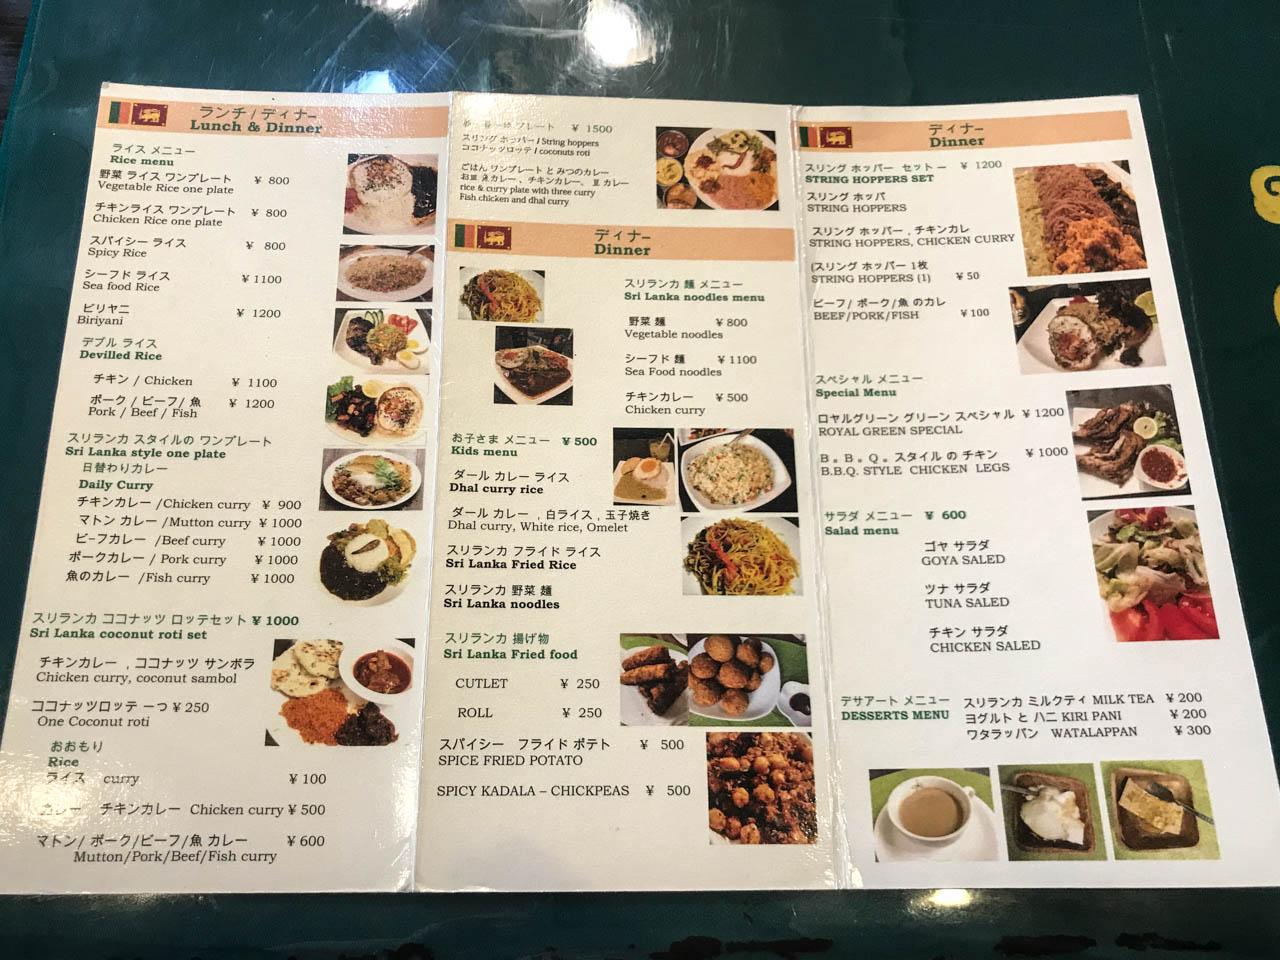 神奈川 さがみ野 スリランカ料理 ロイヤルグリーンのメニュー